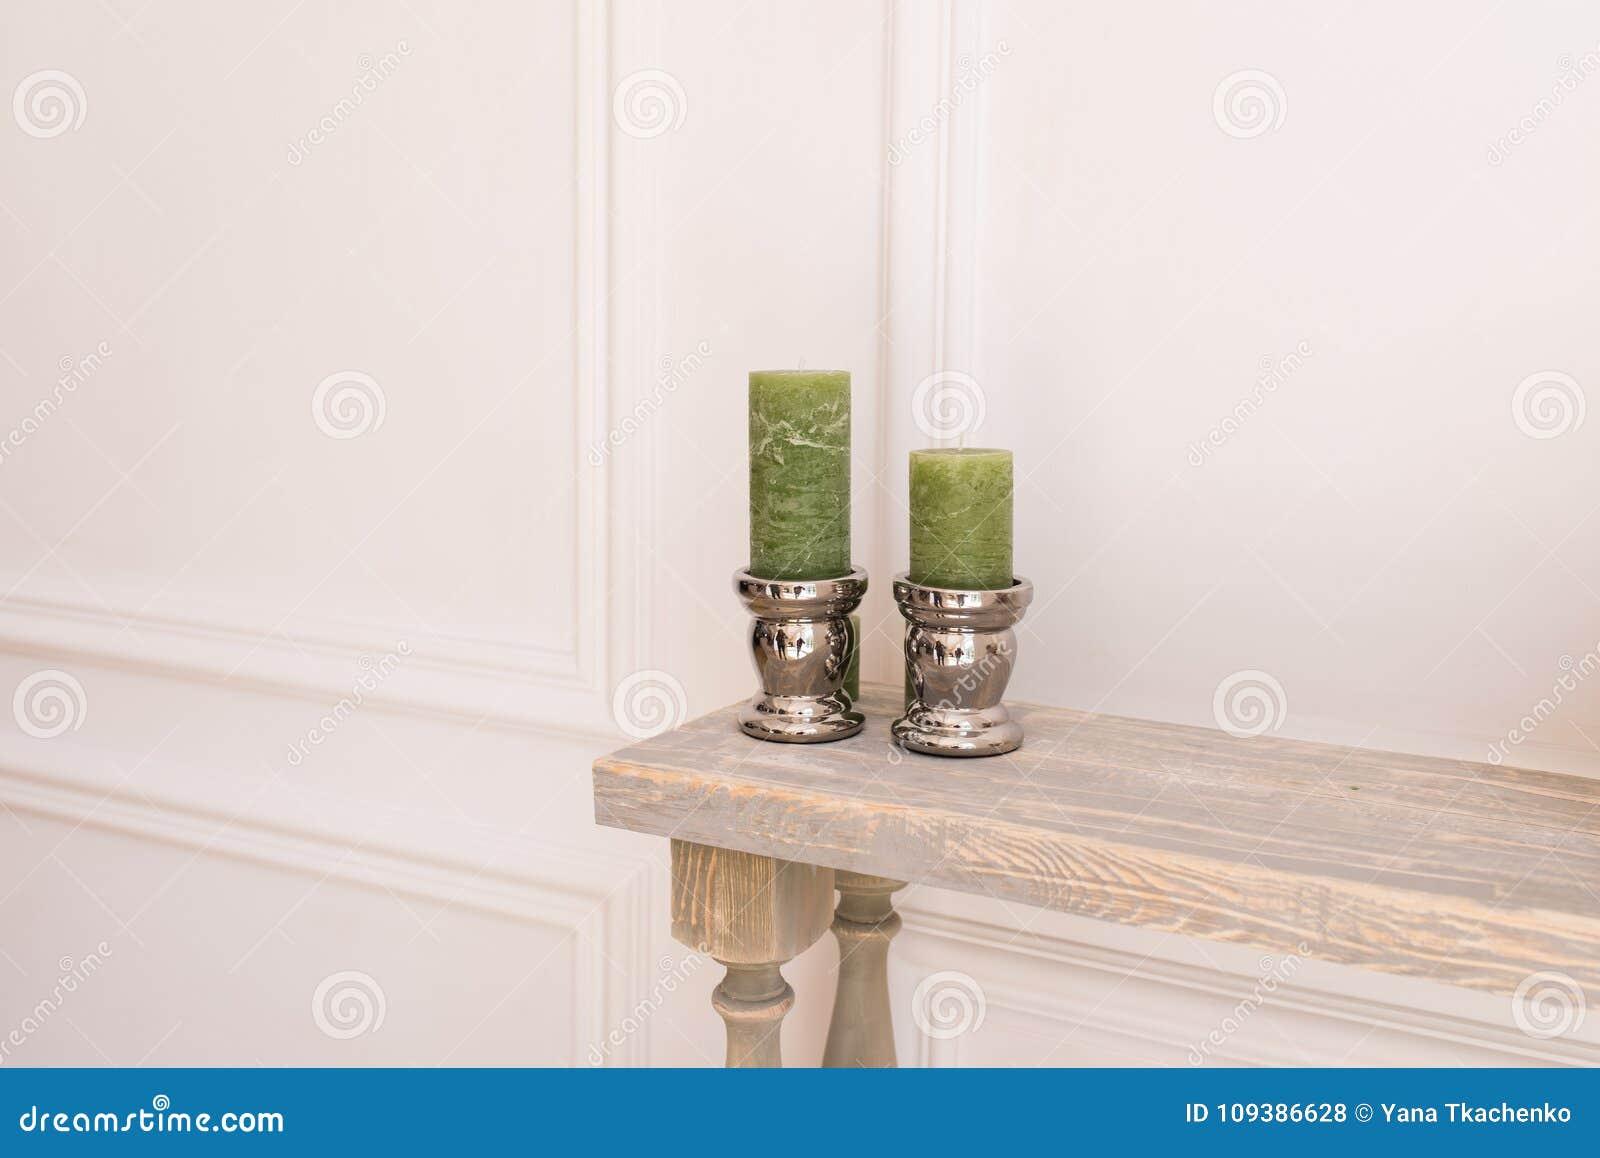 Deux bougies épaisses vertes dans un chandelier argenté